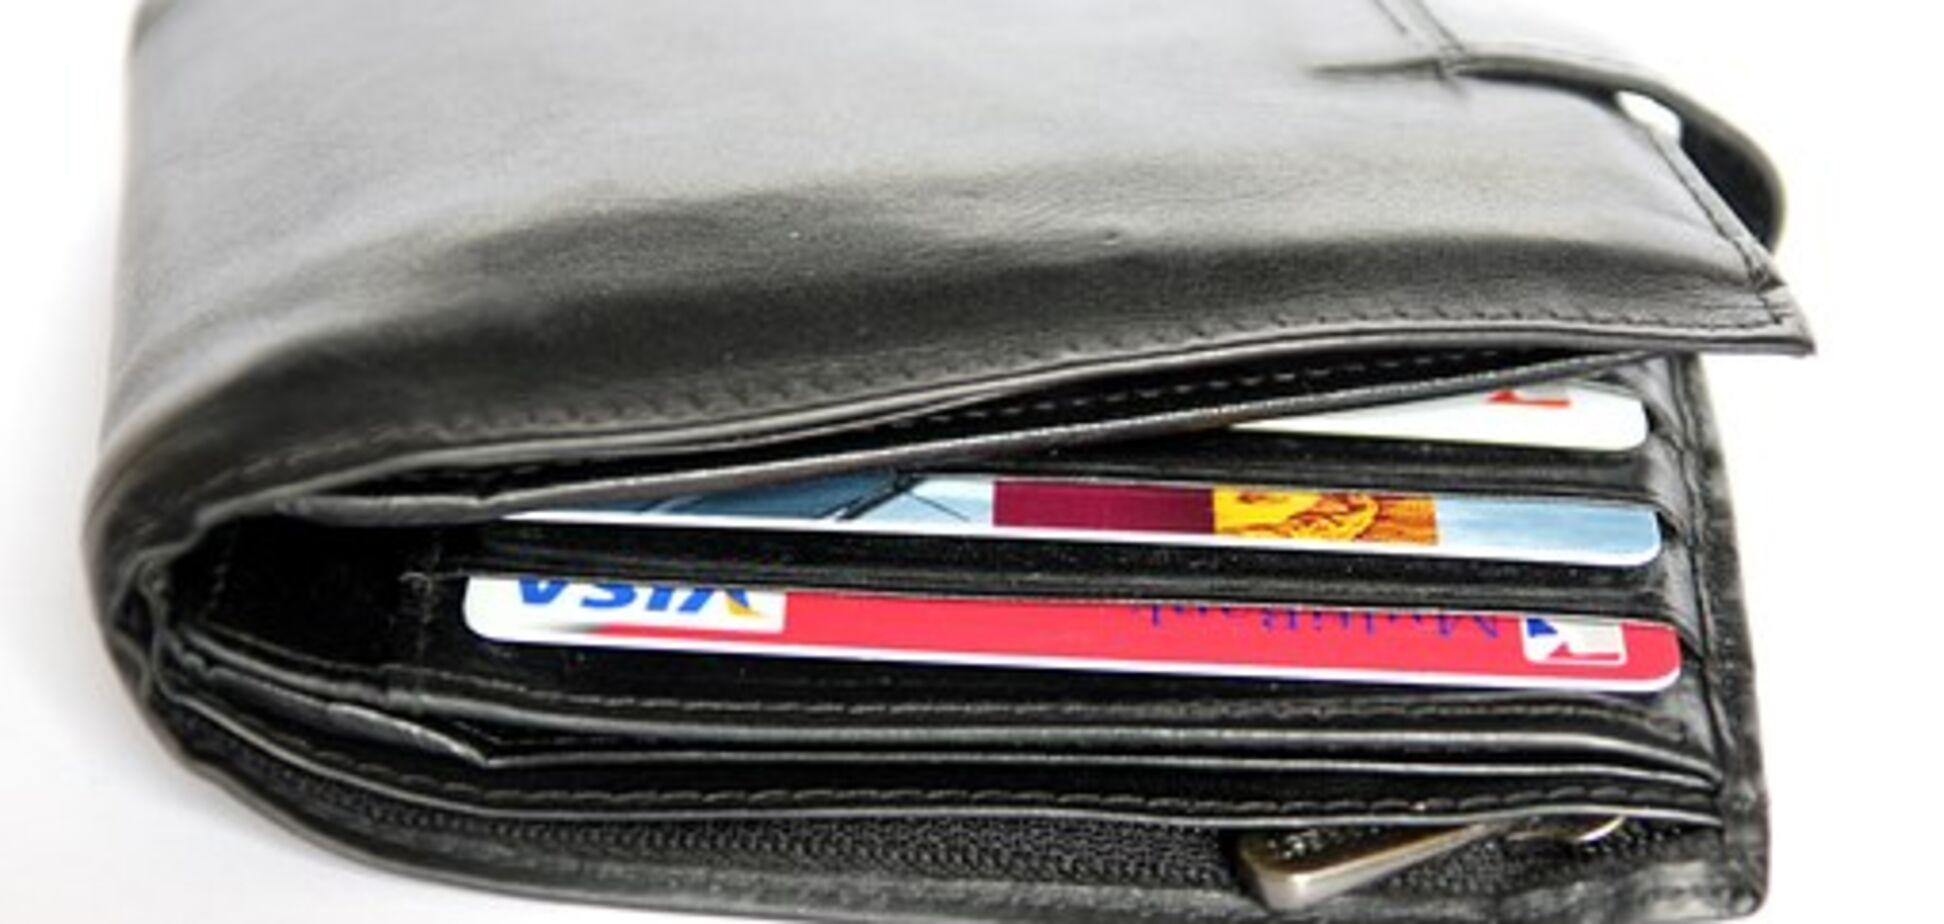 НБУ отменил регистрацию одной из платежных систем